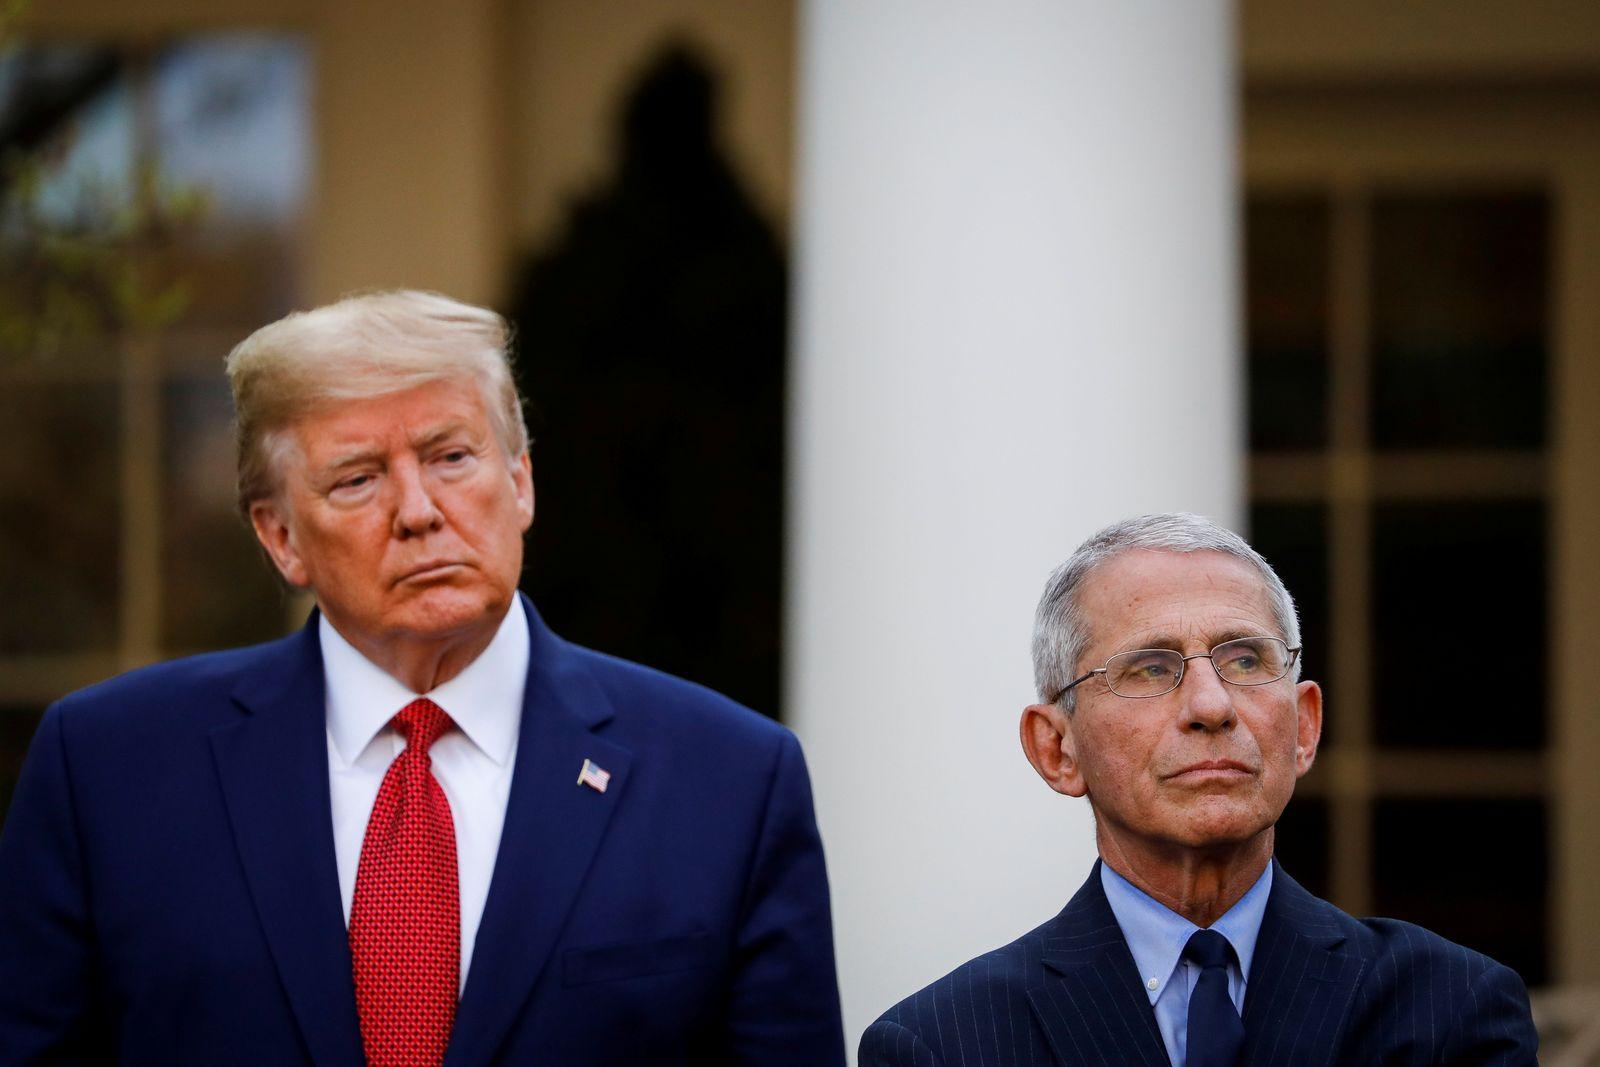 Donald Trump / Anthony Fauci / Coronavirus